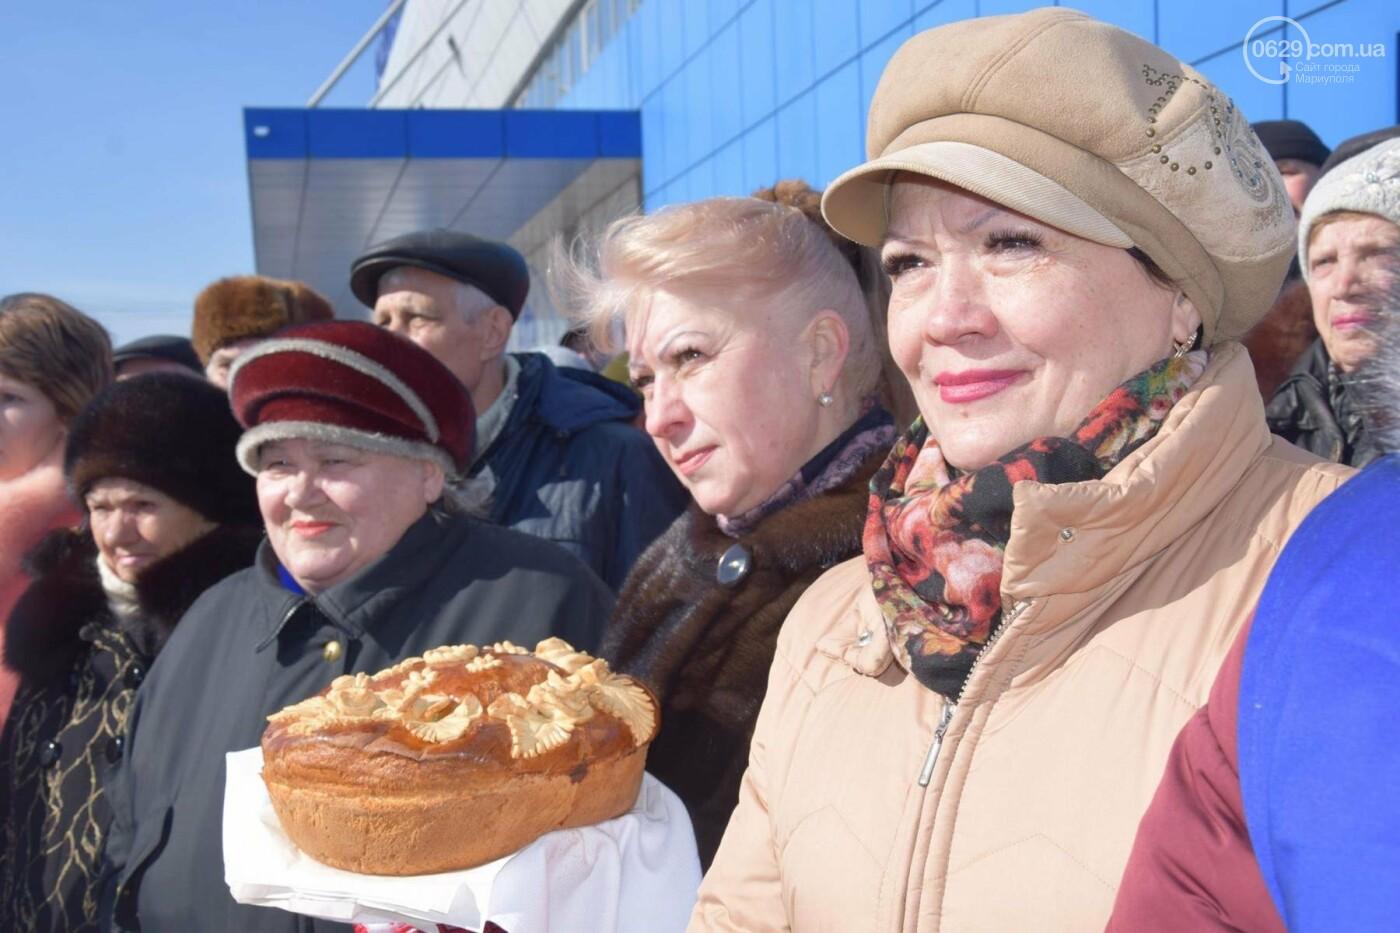 """В Мариуполе из МКР """"Черемушки"""" и поселка Моряков запустили два новых автобусных маршрута (ФОТО, ВИДЕО), фото-9"""